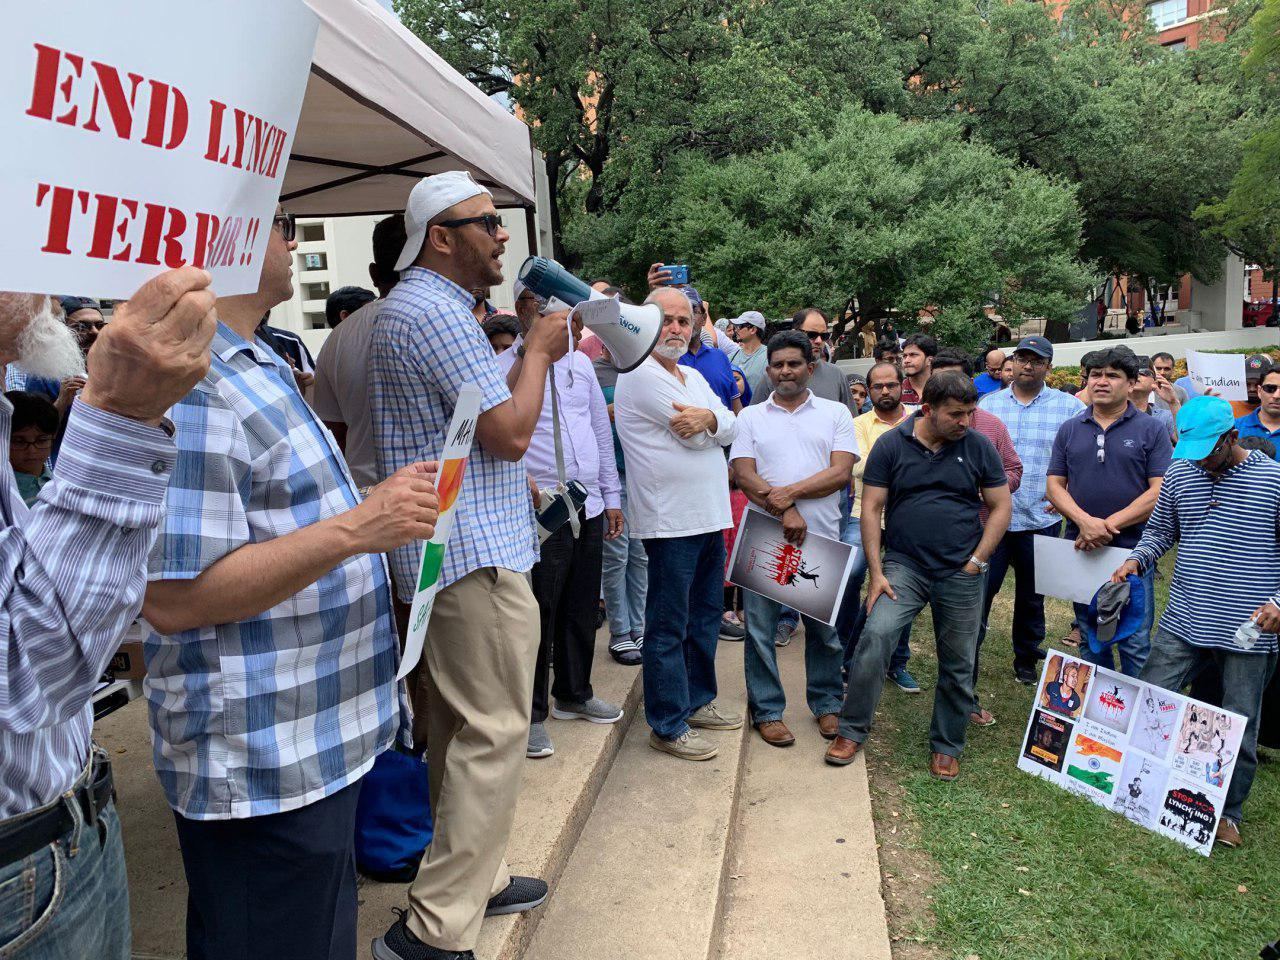 تصویر مسلمانان تگزاس در اعتراض به خشونت علیه مسلمانان هند تظاهرات کردند